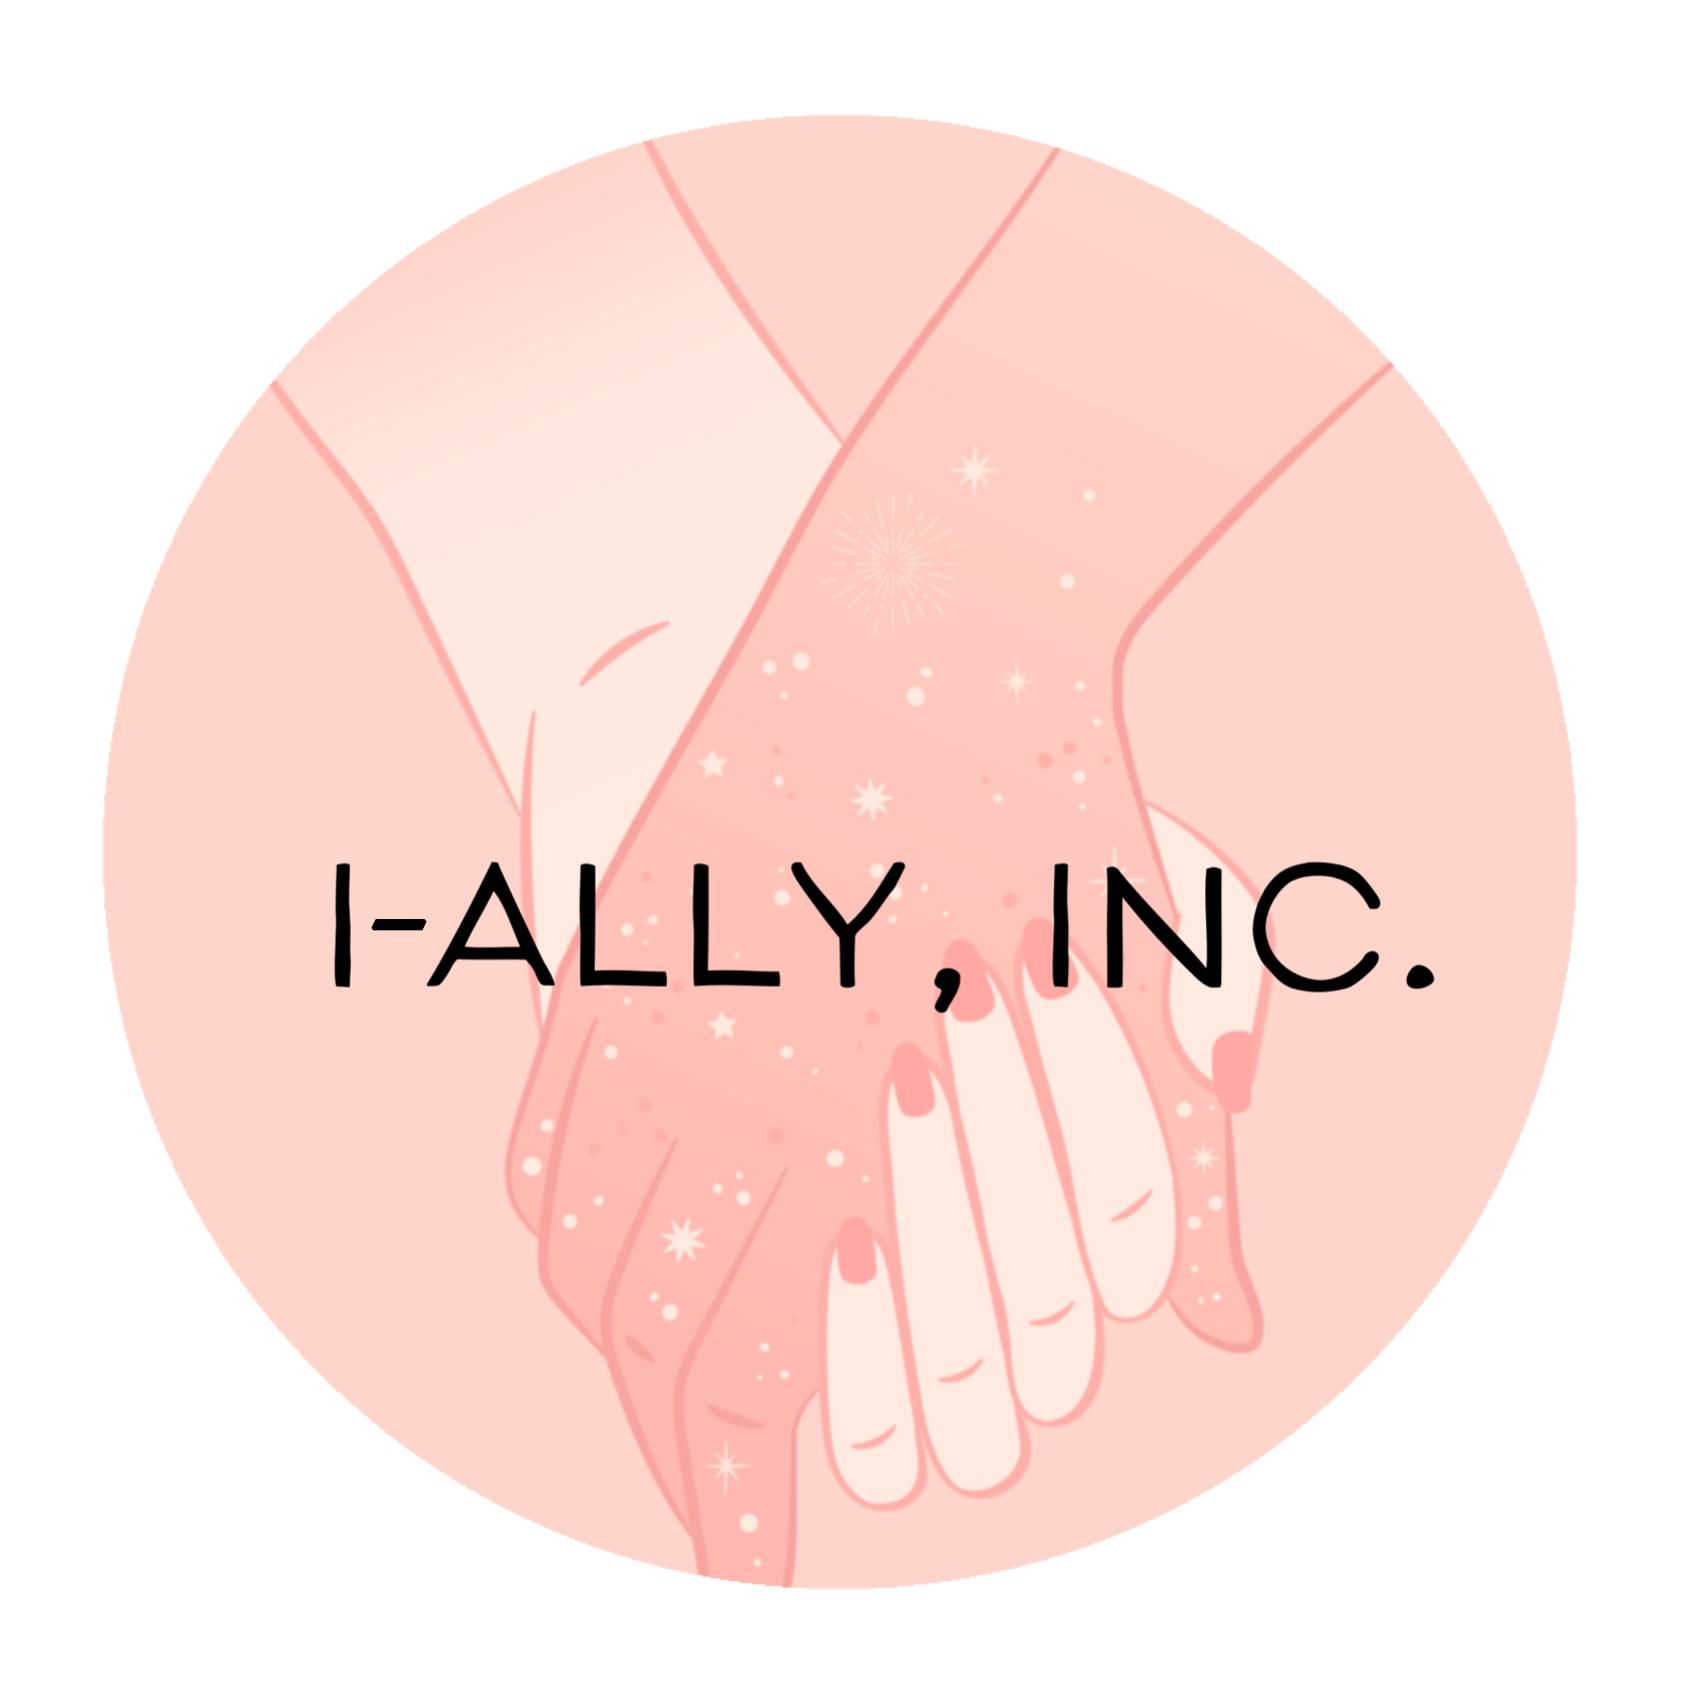 I-Ally